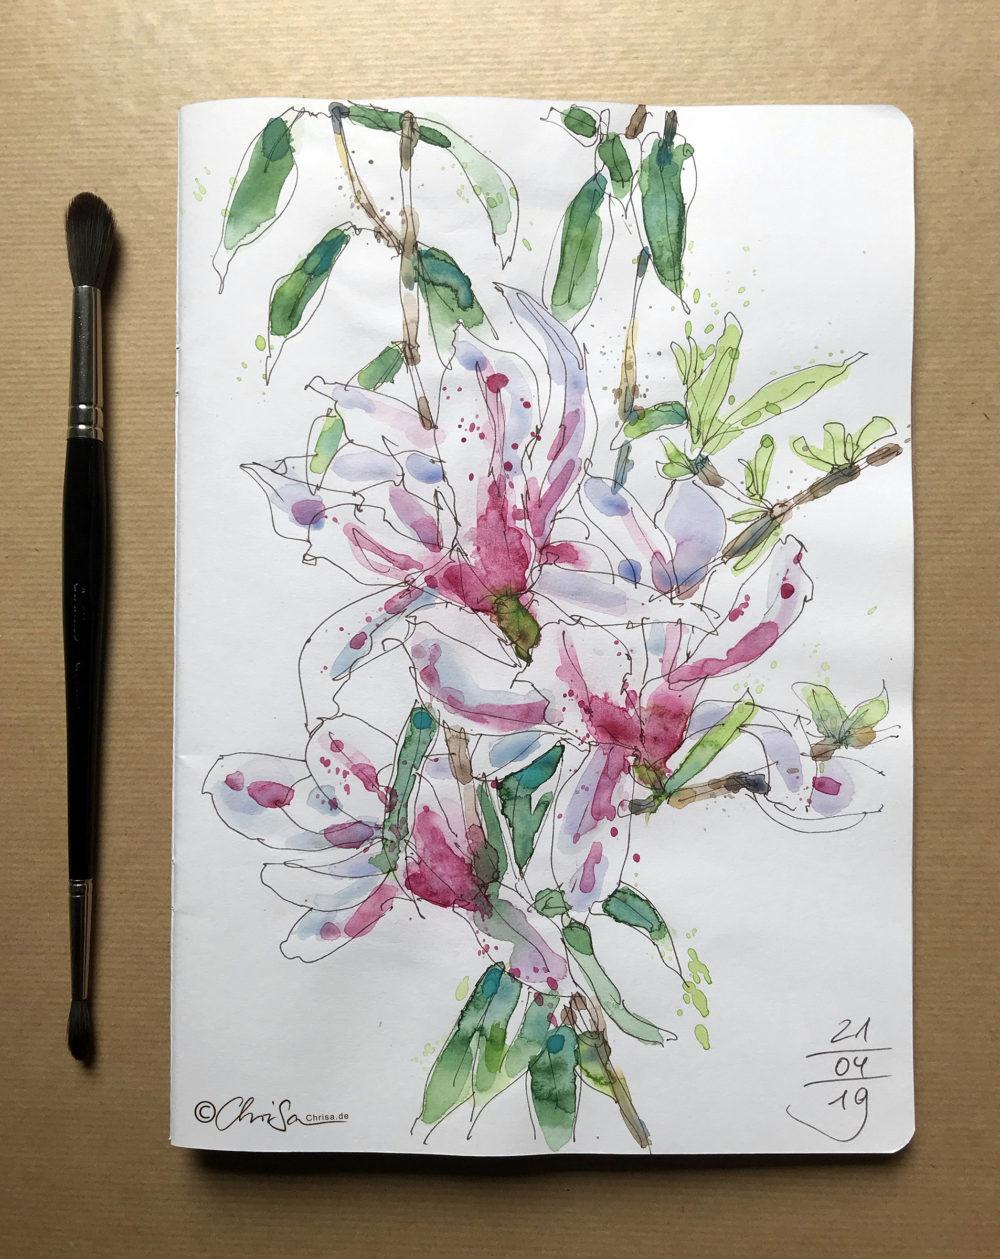 03_magnolienblueten-chrisa-hans-christian-sanladerer